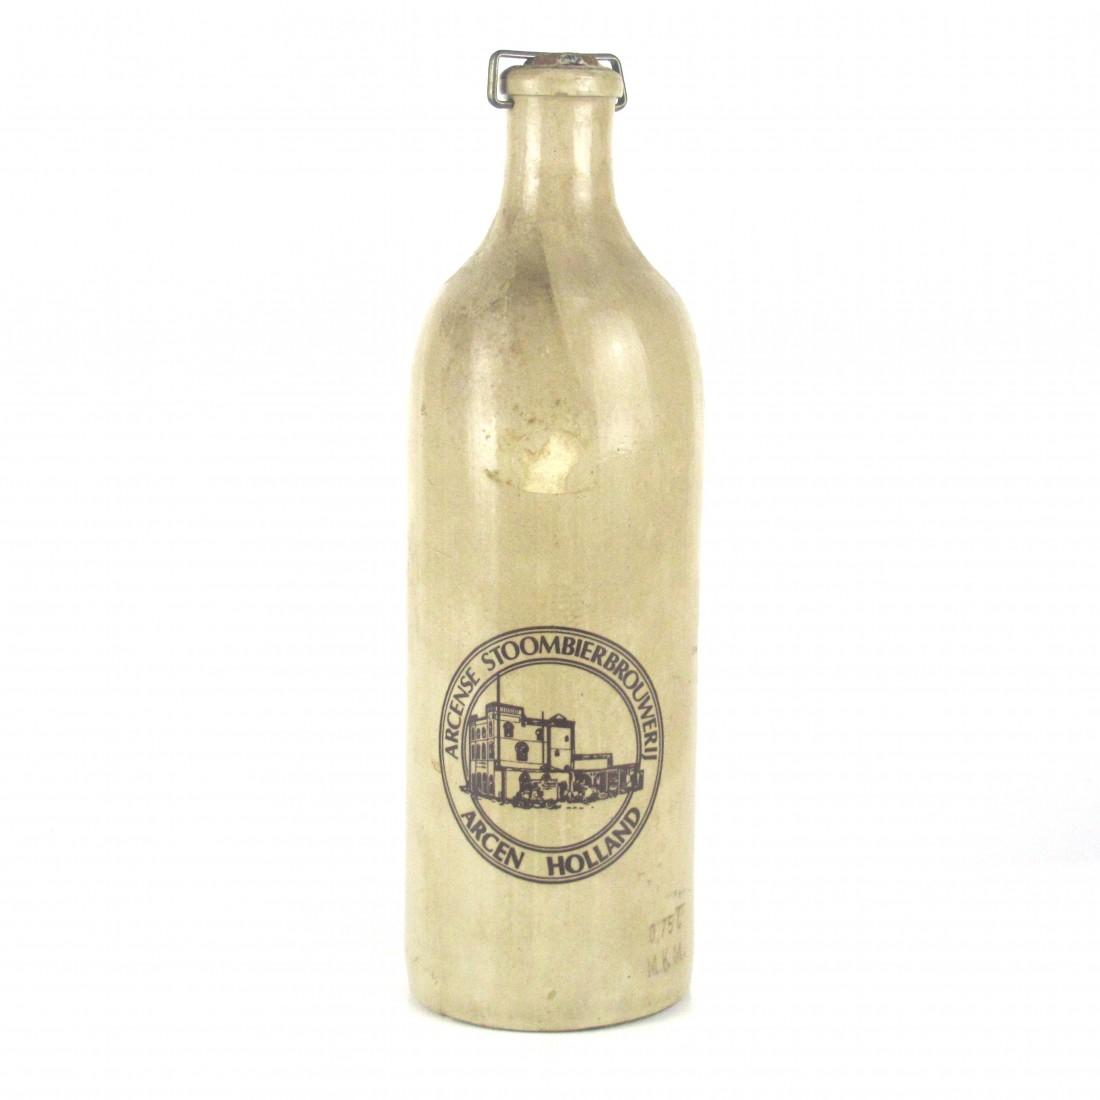 Arcense Stoombierbrouwerij